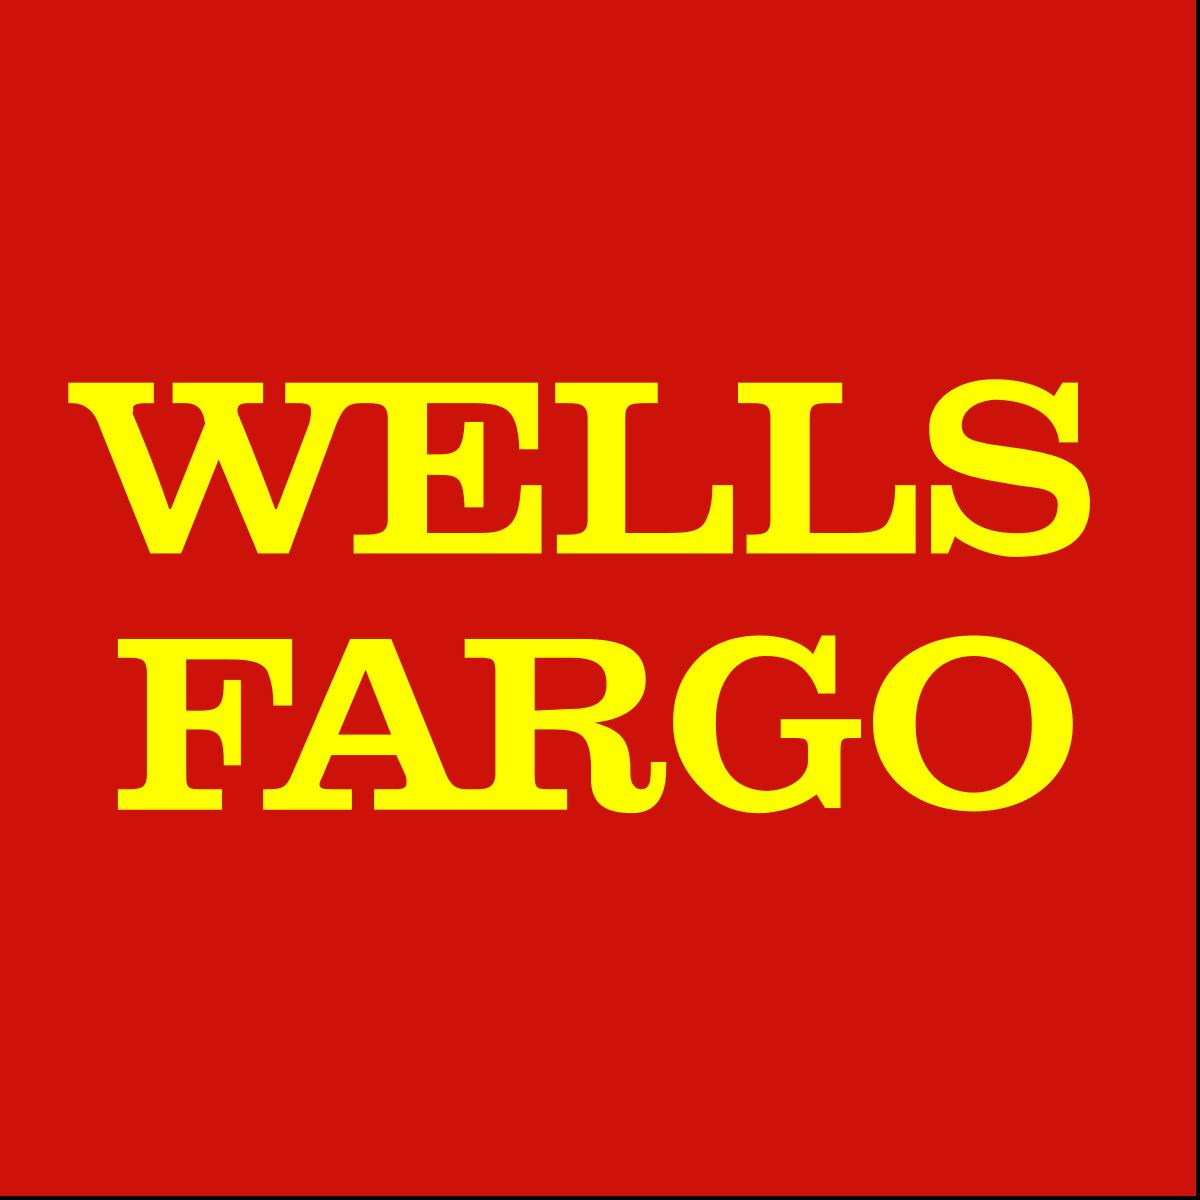 Wells Fargo Hot Springs